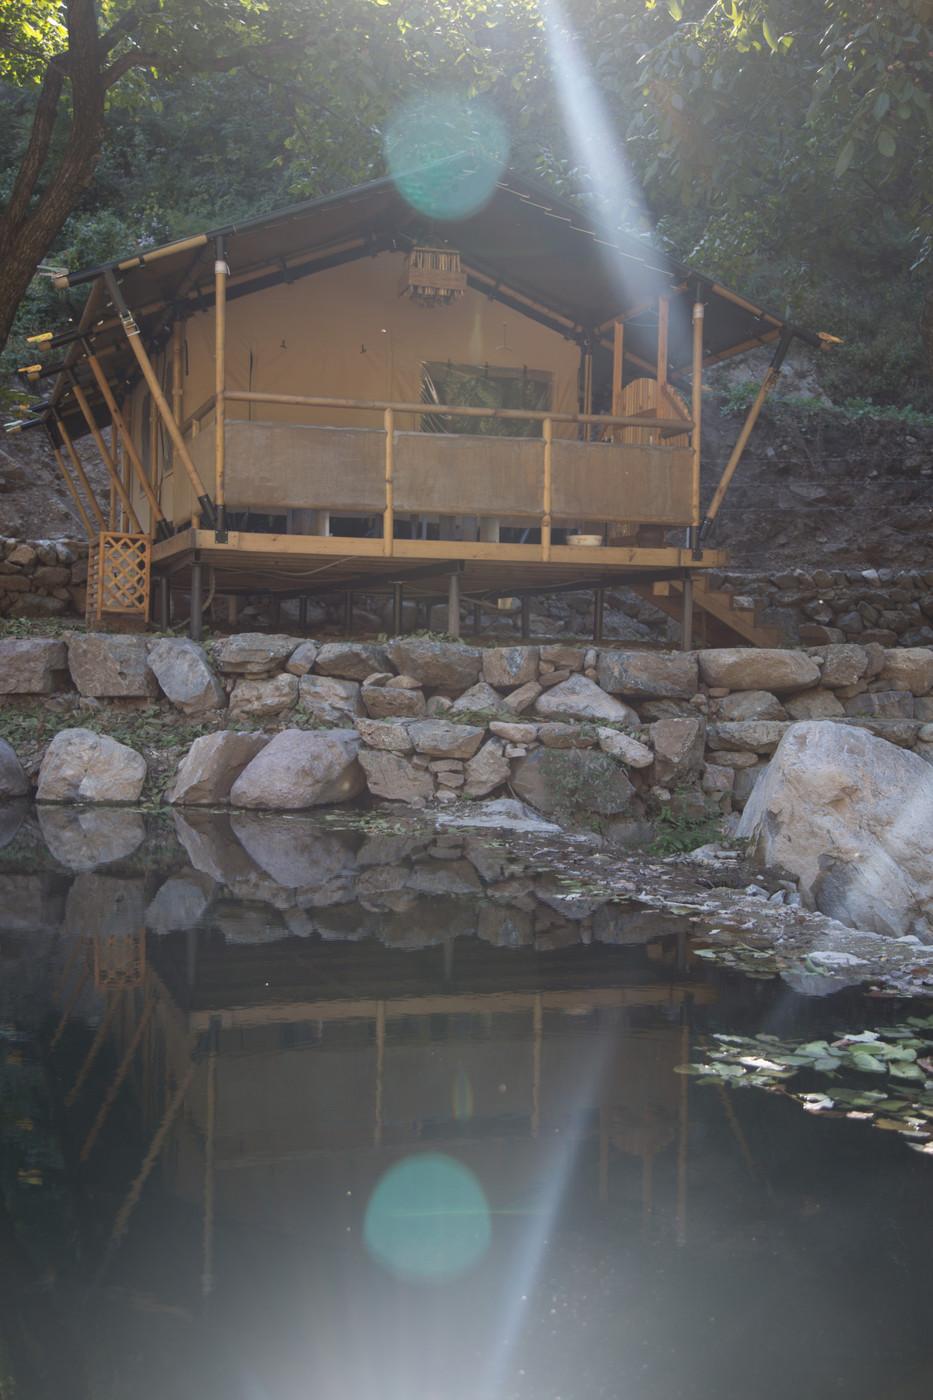 喜马拉雅野奢帐篷酒店一北京石头 剪刀 布一私享院子 54平山谷型  13